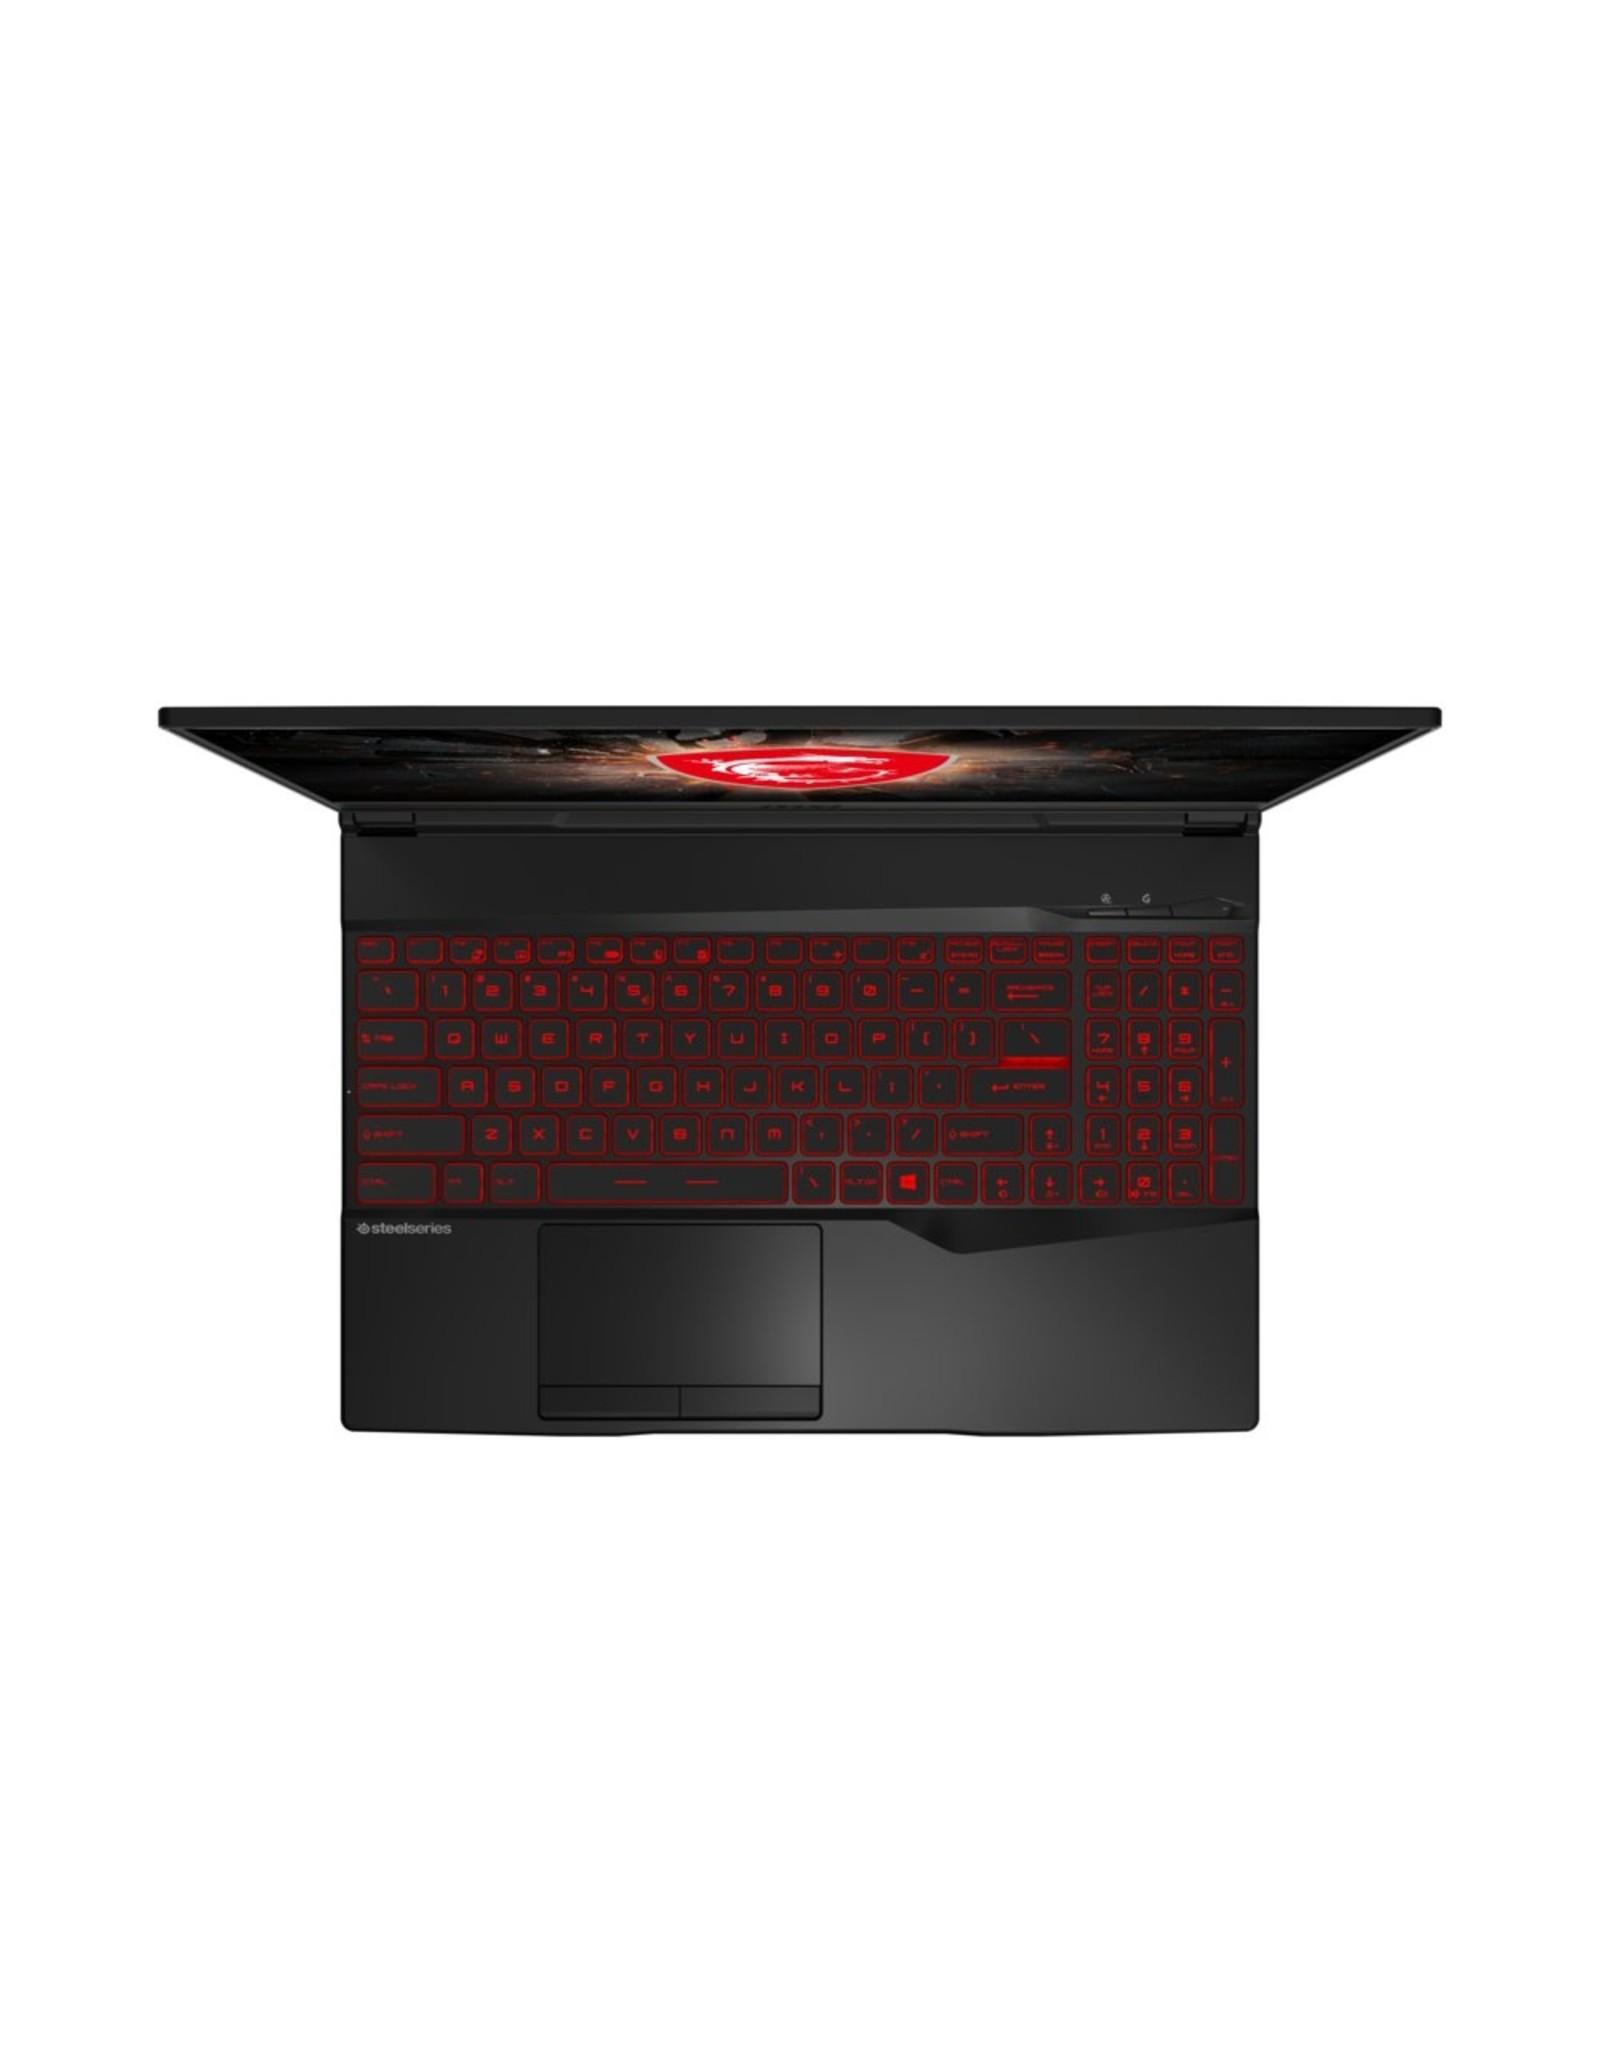 MSI GAMING 15.6 F-HD i7-10750H 16GB 512GB  RTX 2070 W10h